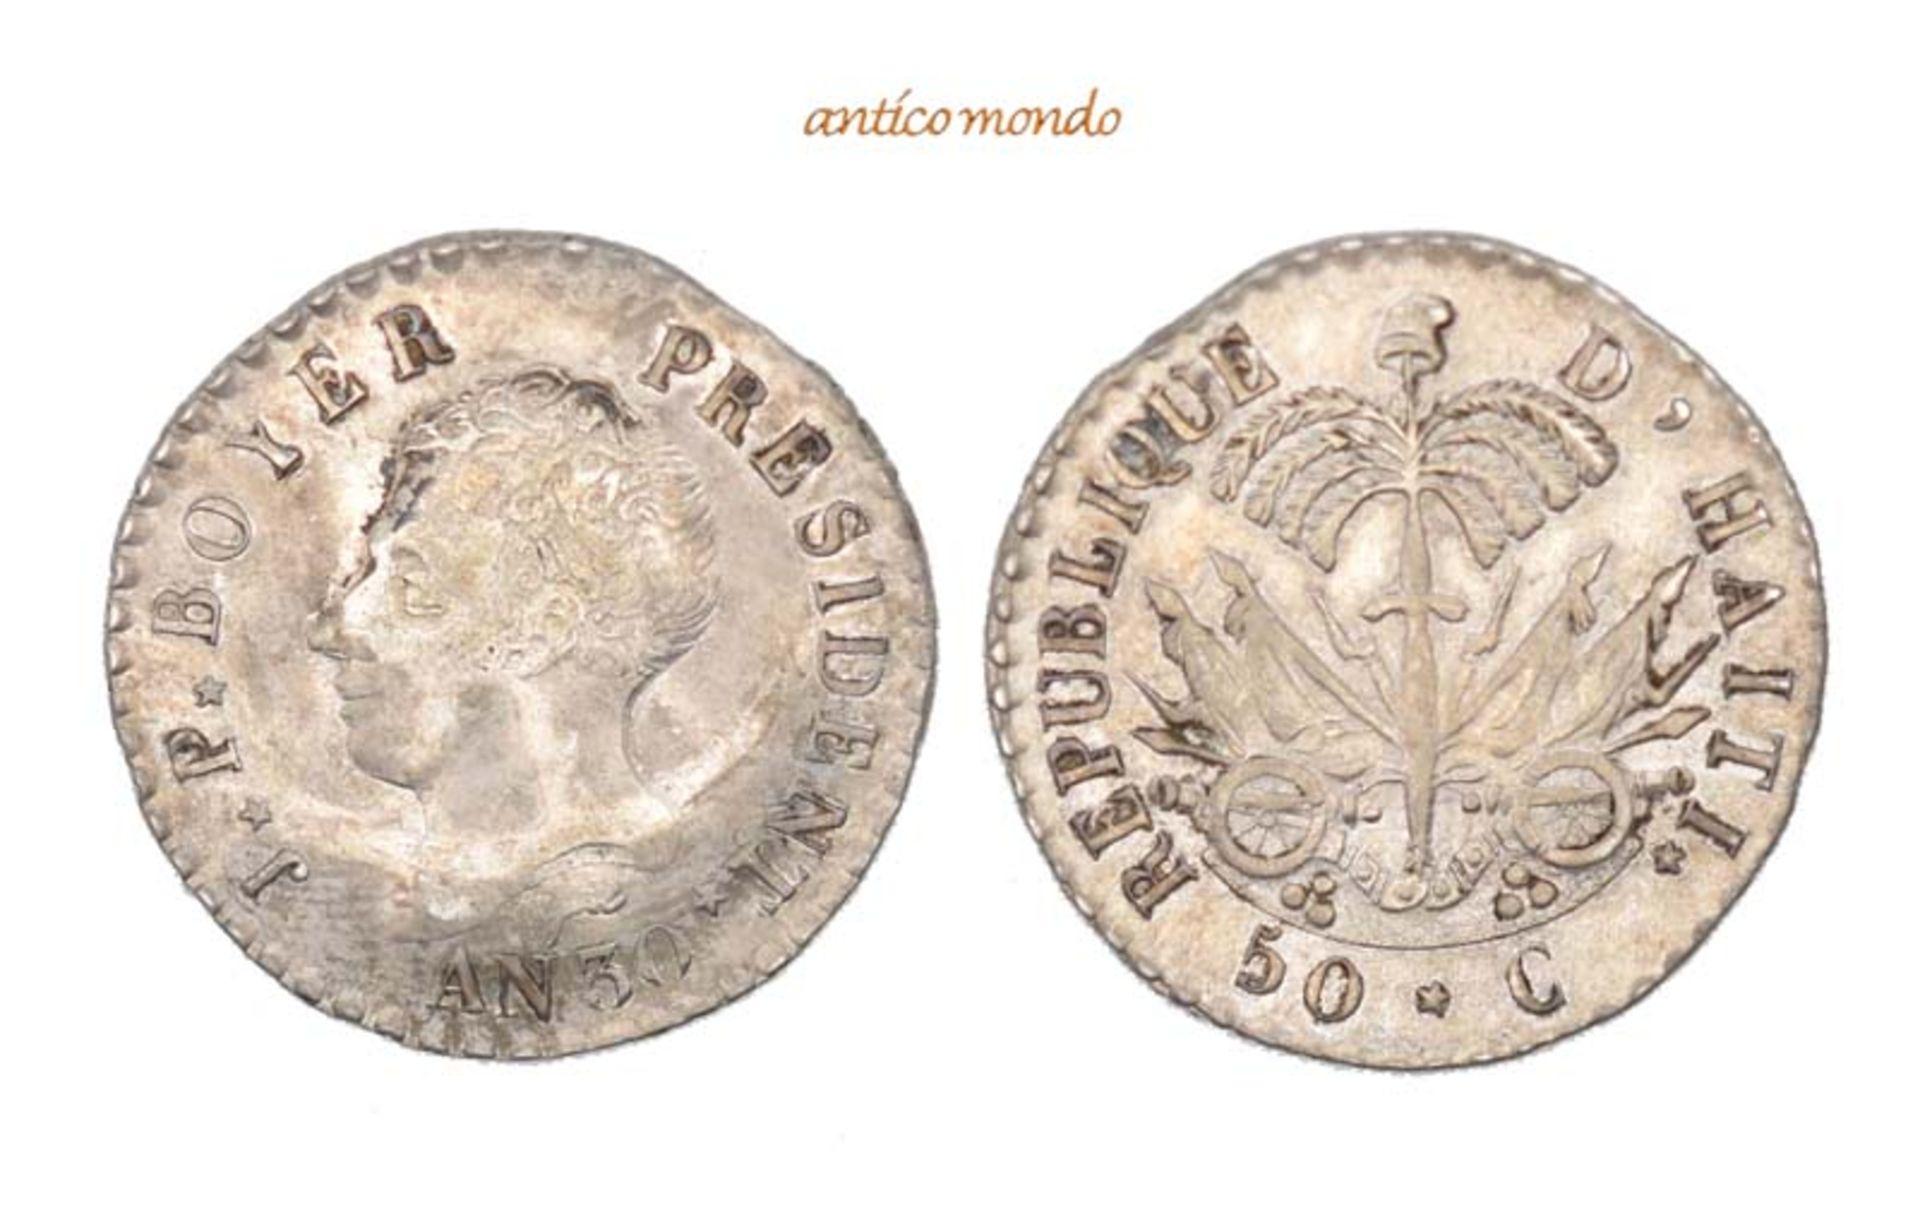 Haiti, Republik, 50 Centimes, An 30 (1833), sehr schön vorzüglich, 5,24 g- - -21.50 % buyer's